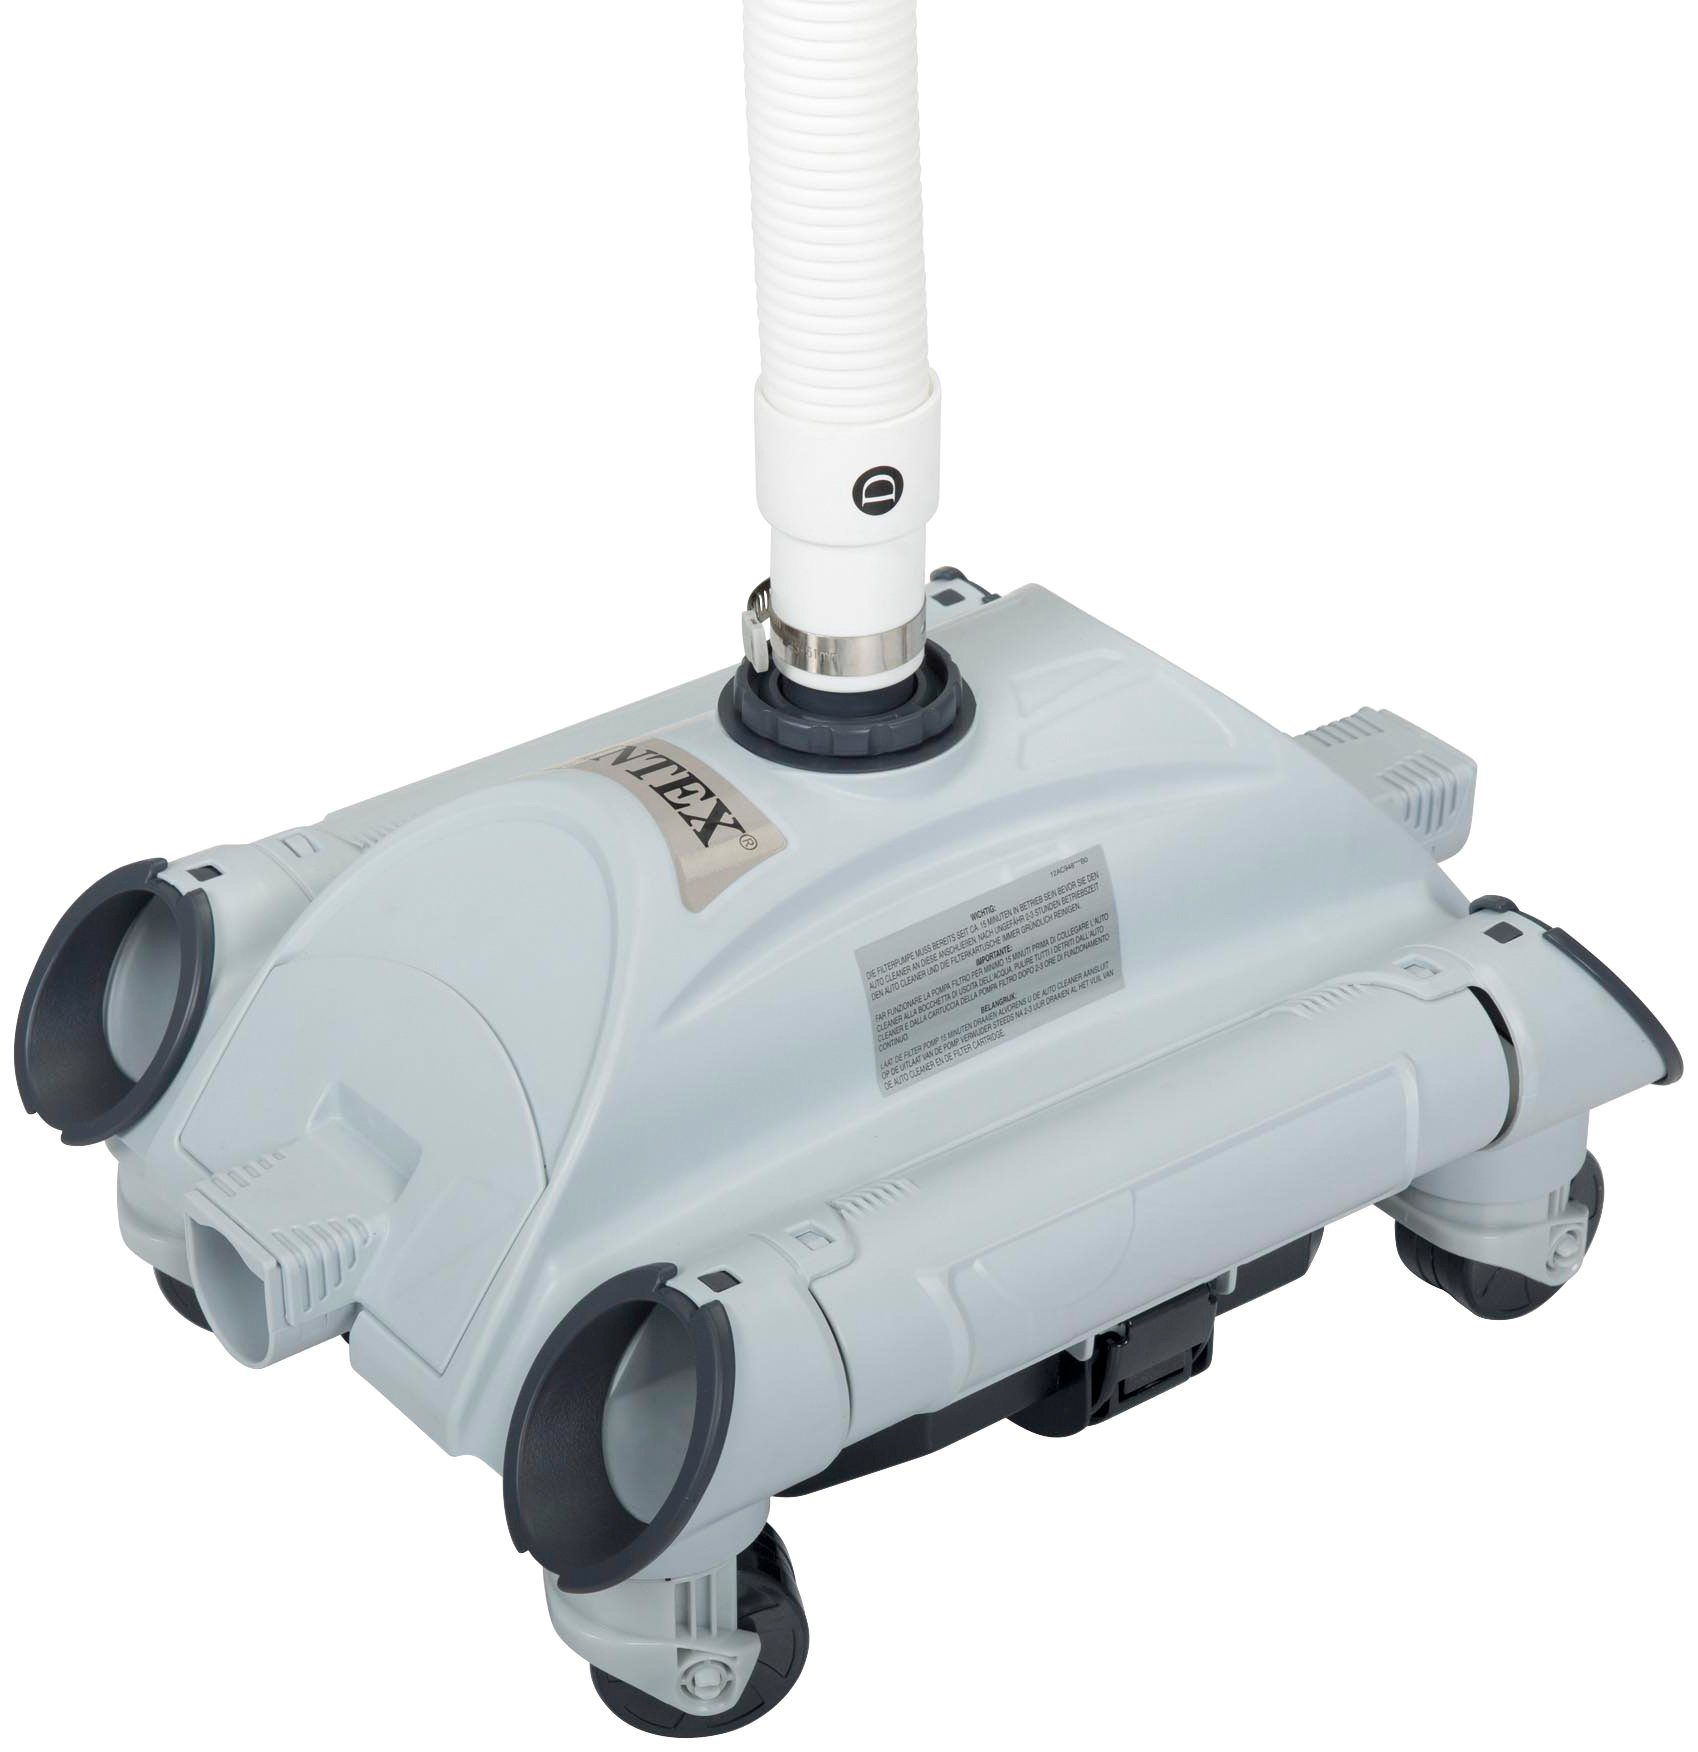 INTEX Poolroboter »Auto Pool Cleaner«, auch für Salzwasser